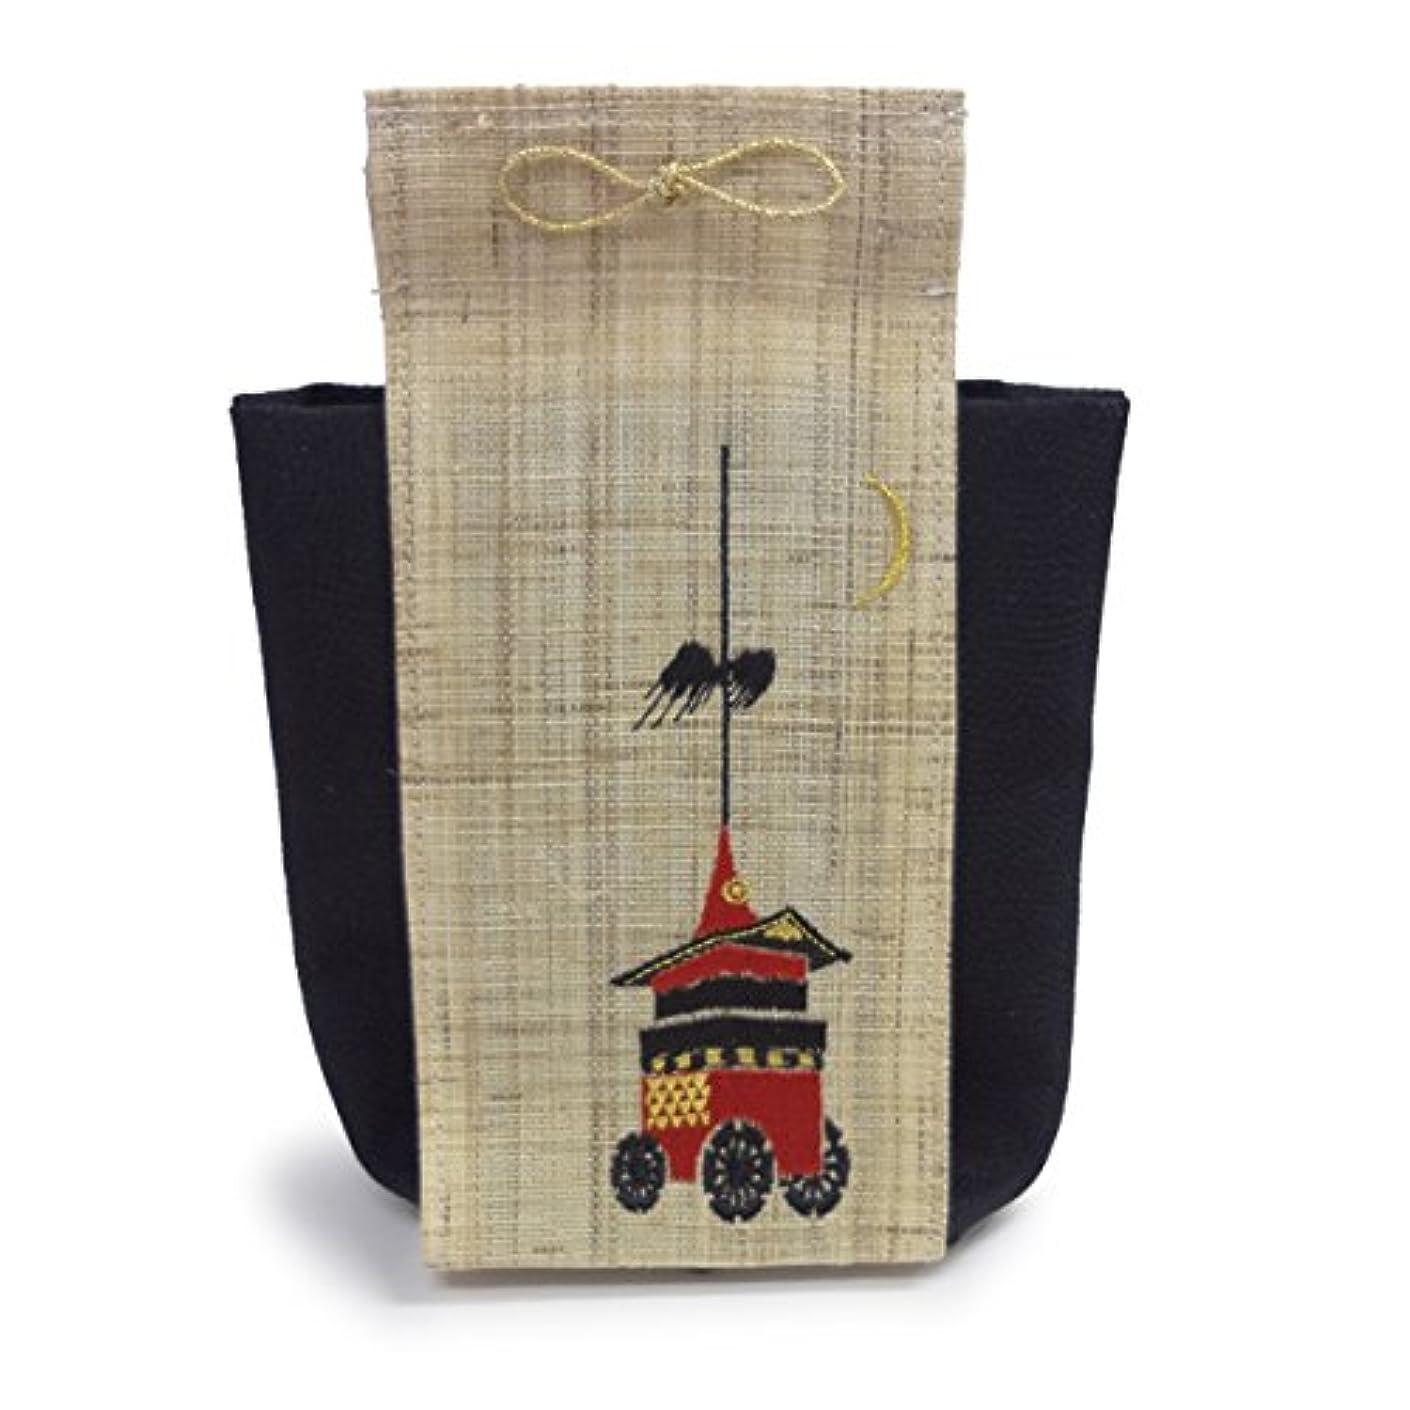 援助する大使館わざわざ香飾り 京の風物詩 祇園祭